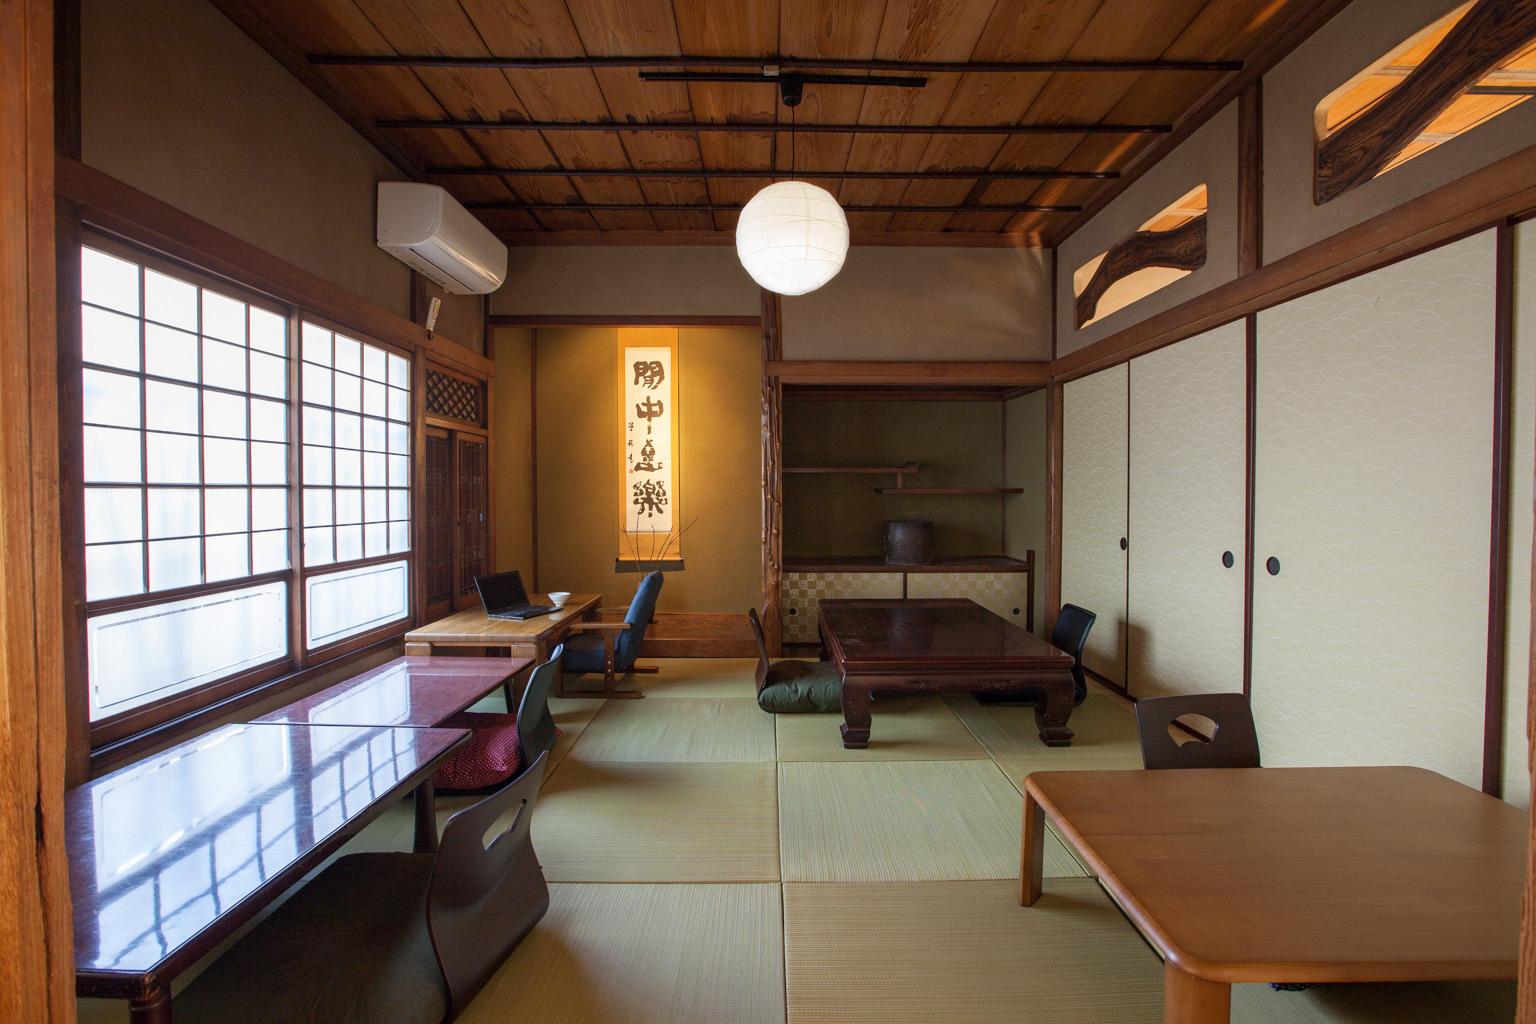 東京・町屋「アイビーカフェ町屋」 room4/和室の室内の写真